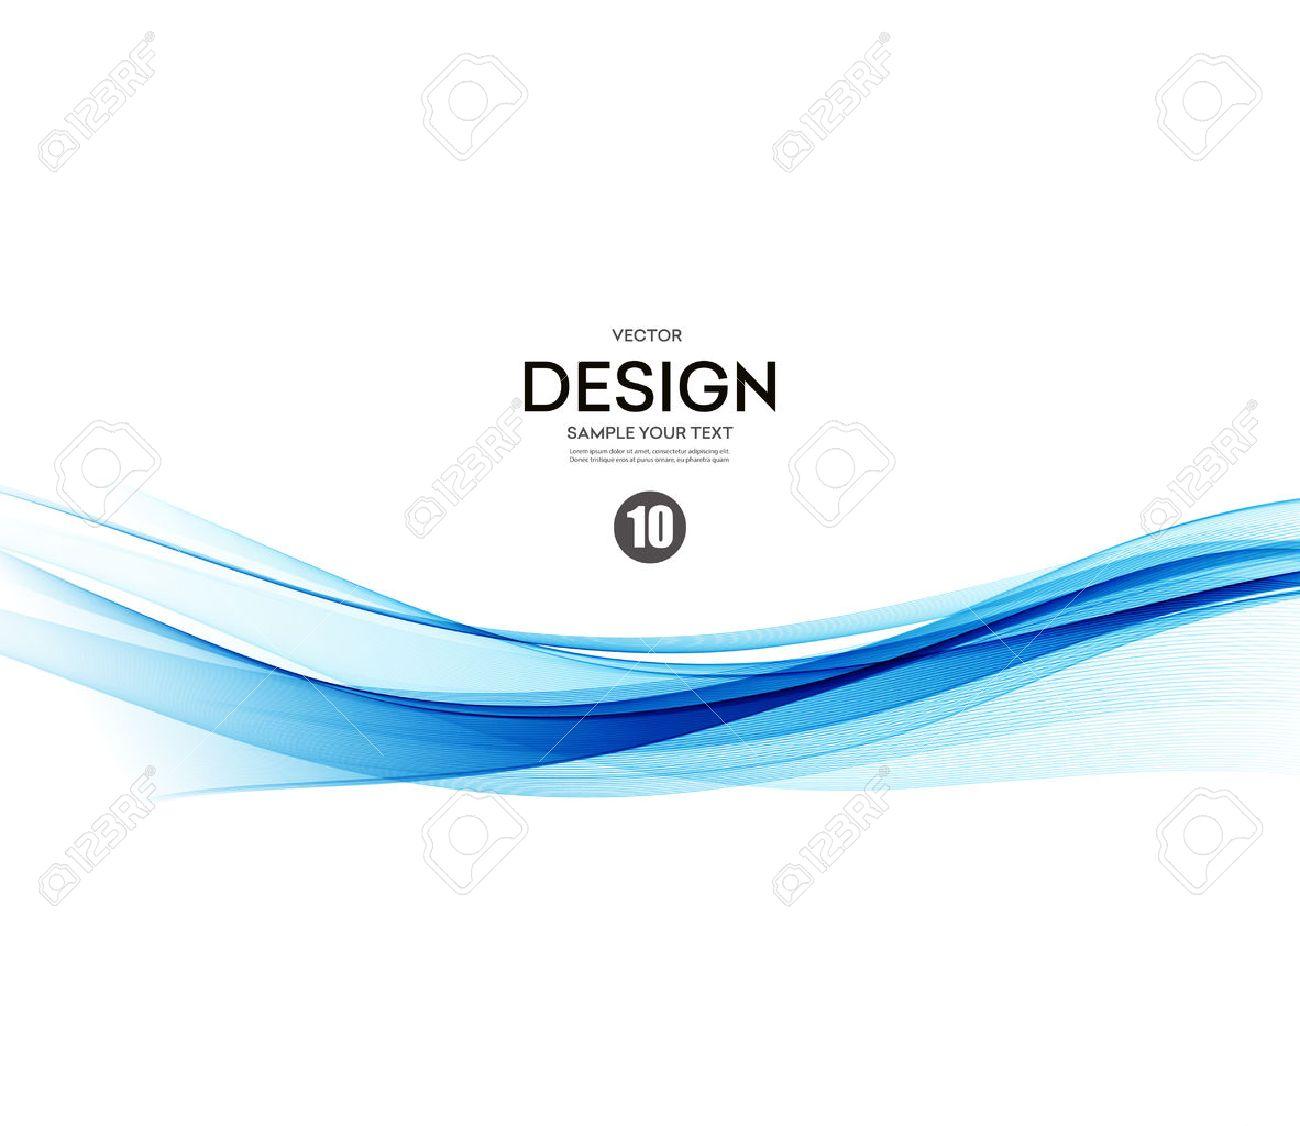 Abstract vector background, blue waved lines for brochure, website, flyer design. illustration eps10 - 52422525